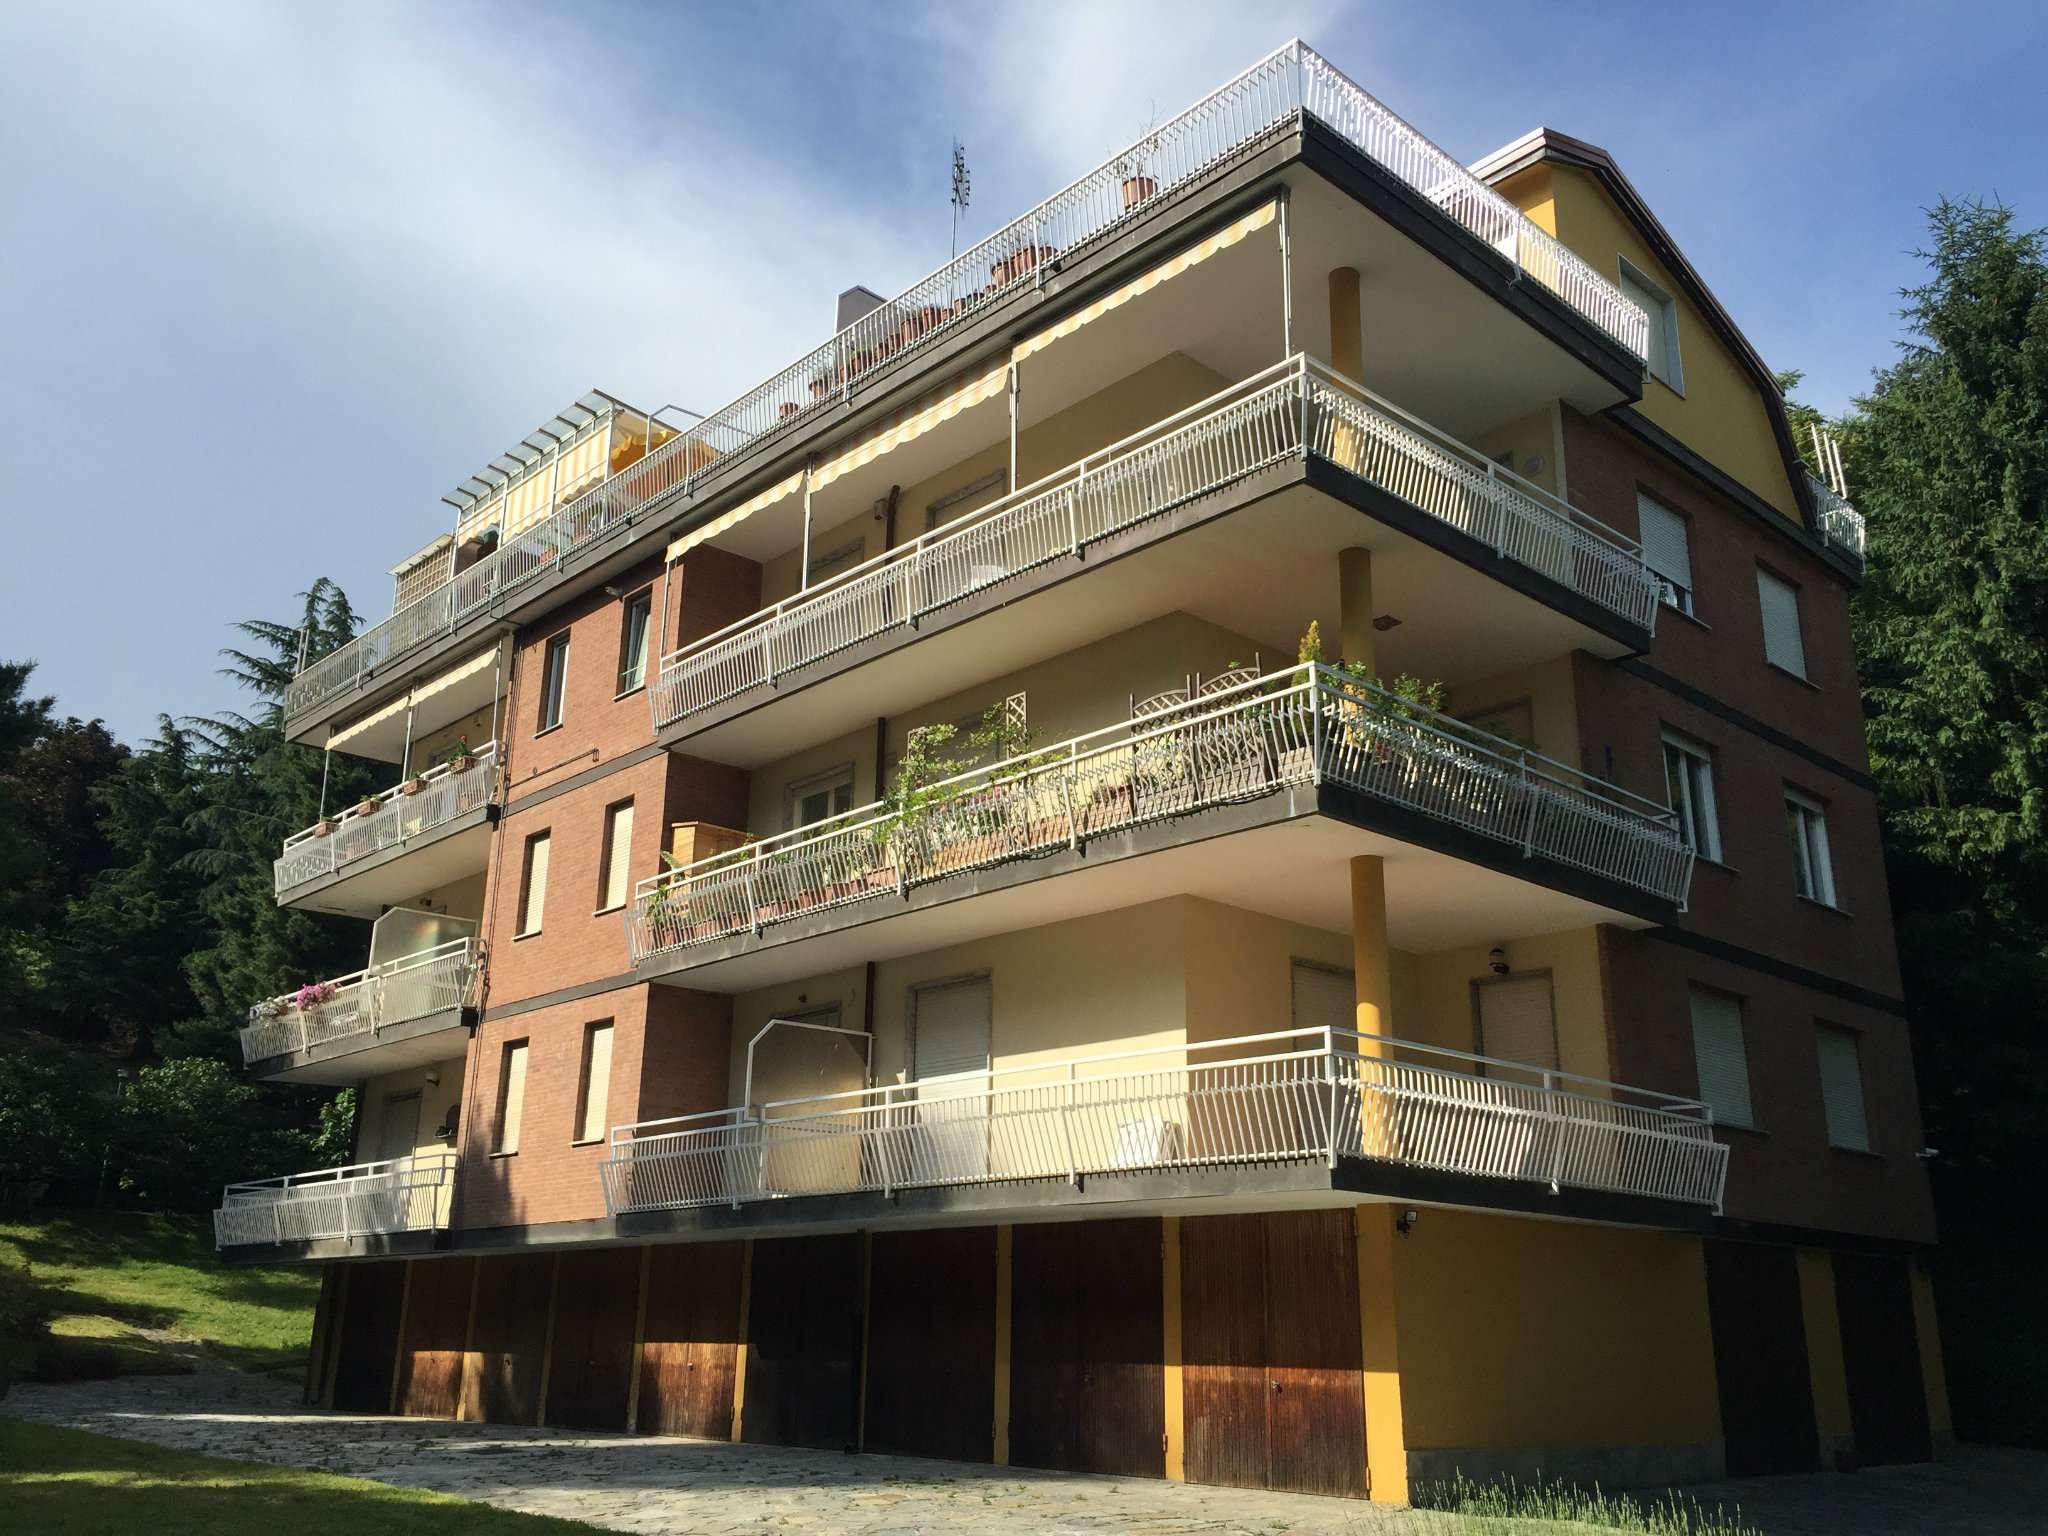 Casa moncalieri appartamenti e case in affitto for Casa 5 locali